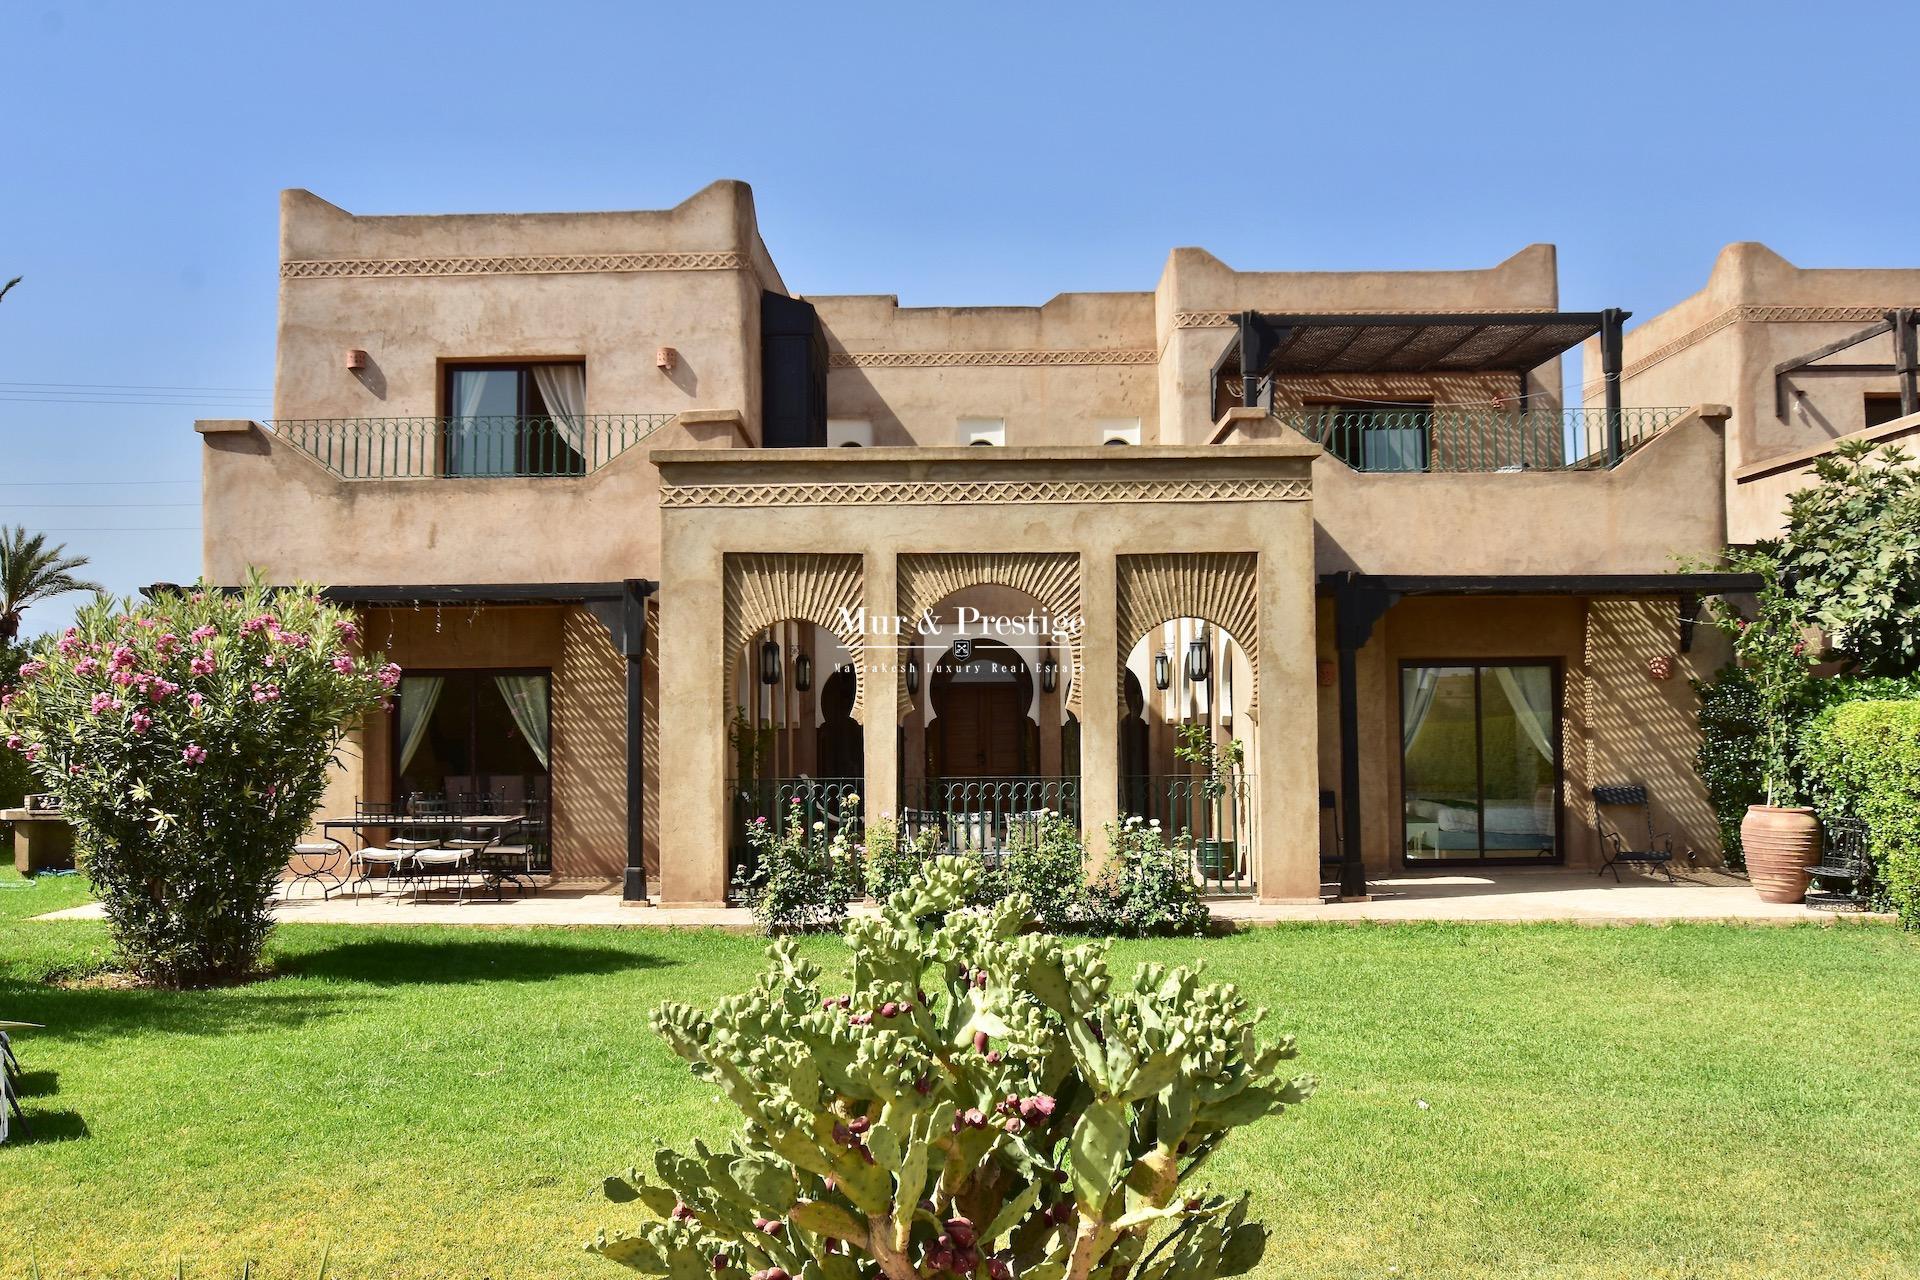 Maison à Vendre à Marrakech - Agence Immobilière